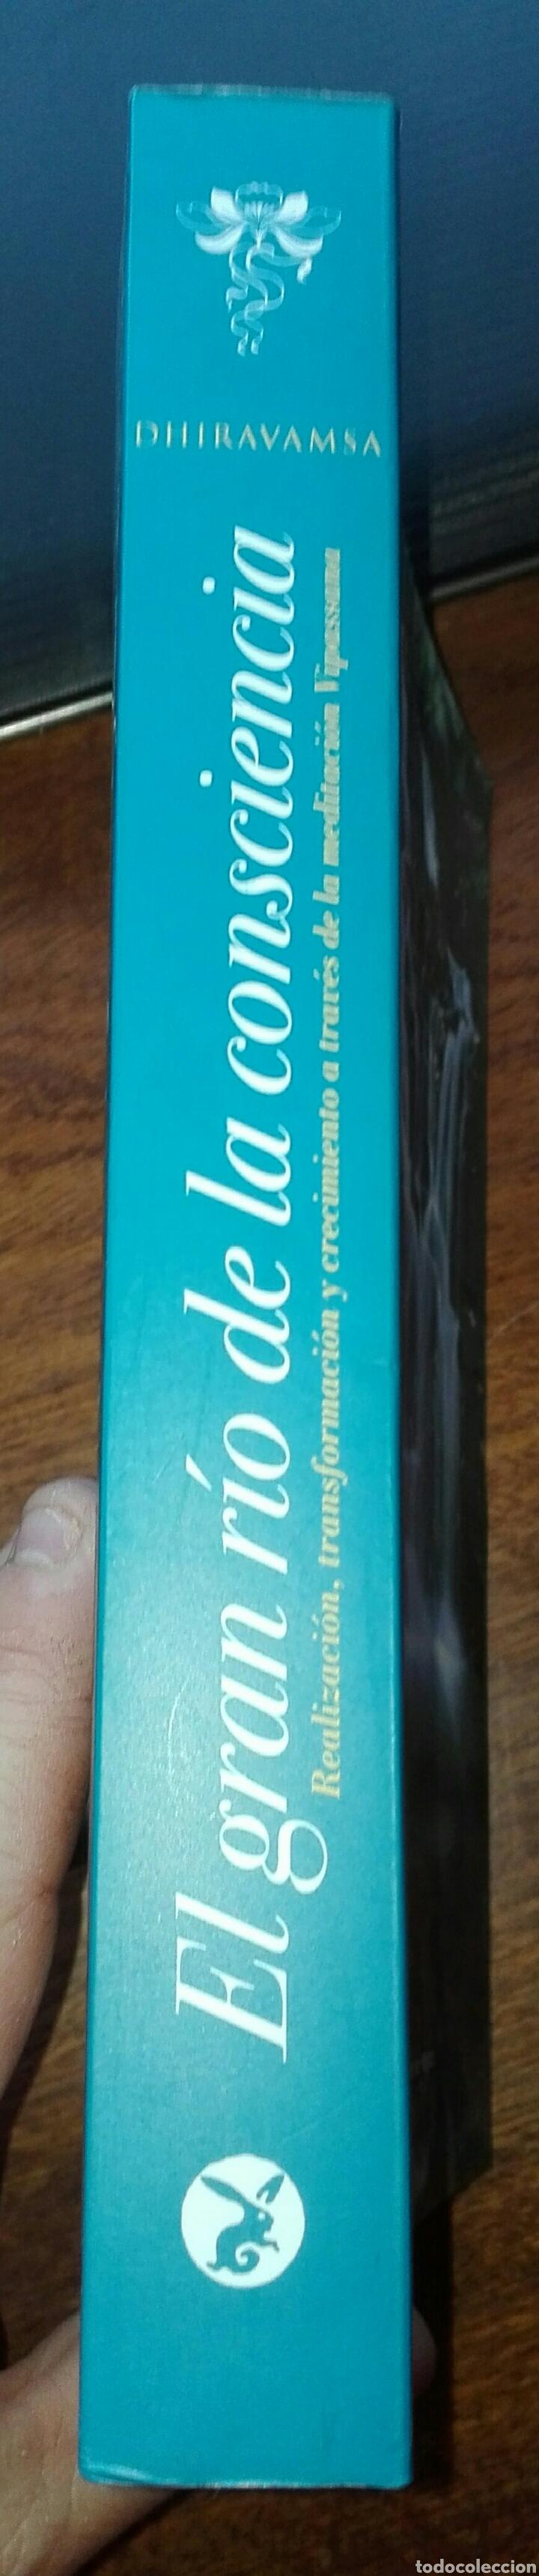 Libros de segunda mano: EL GRAN RÍO DE LA CONSCIENCIA. REALIZACIÓN, TRANSFORMACIÓN Y CRECIMIENTO A TRAVÉS DE la MEDITACIÓN. - Foto 2 - 121932358